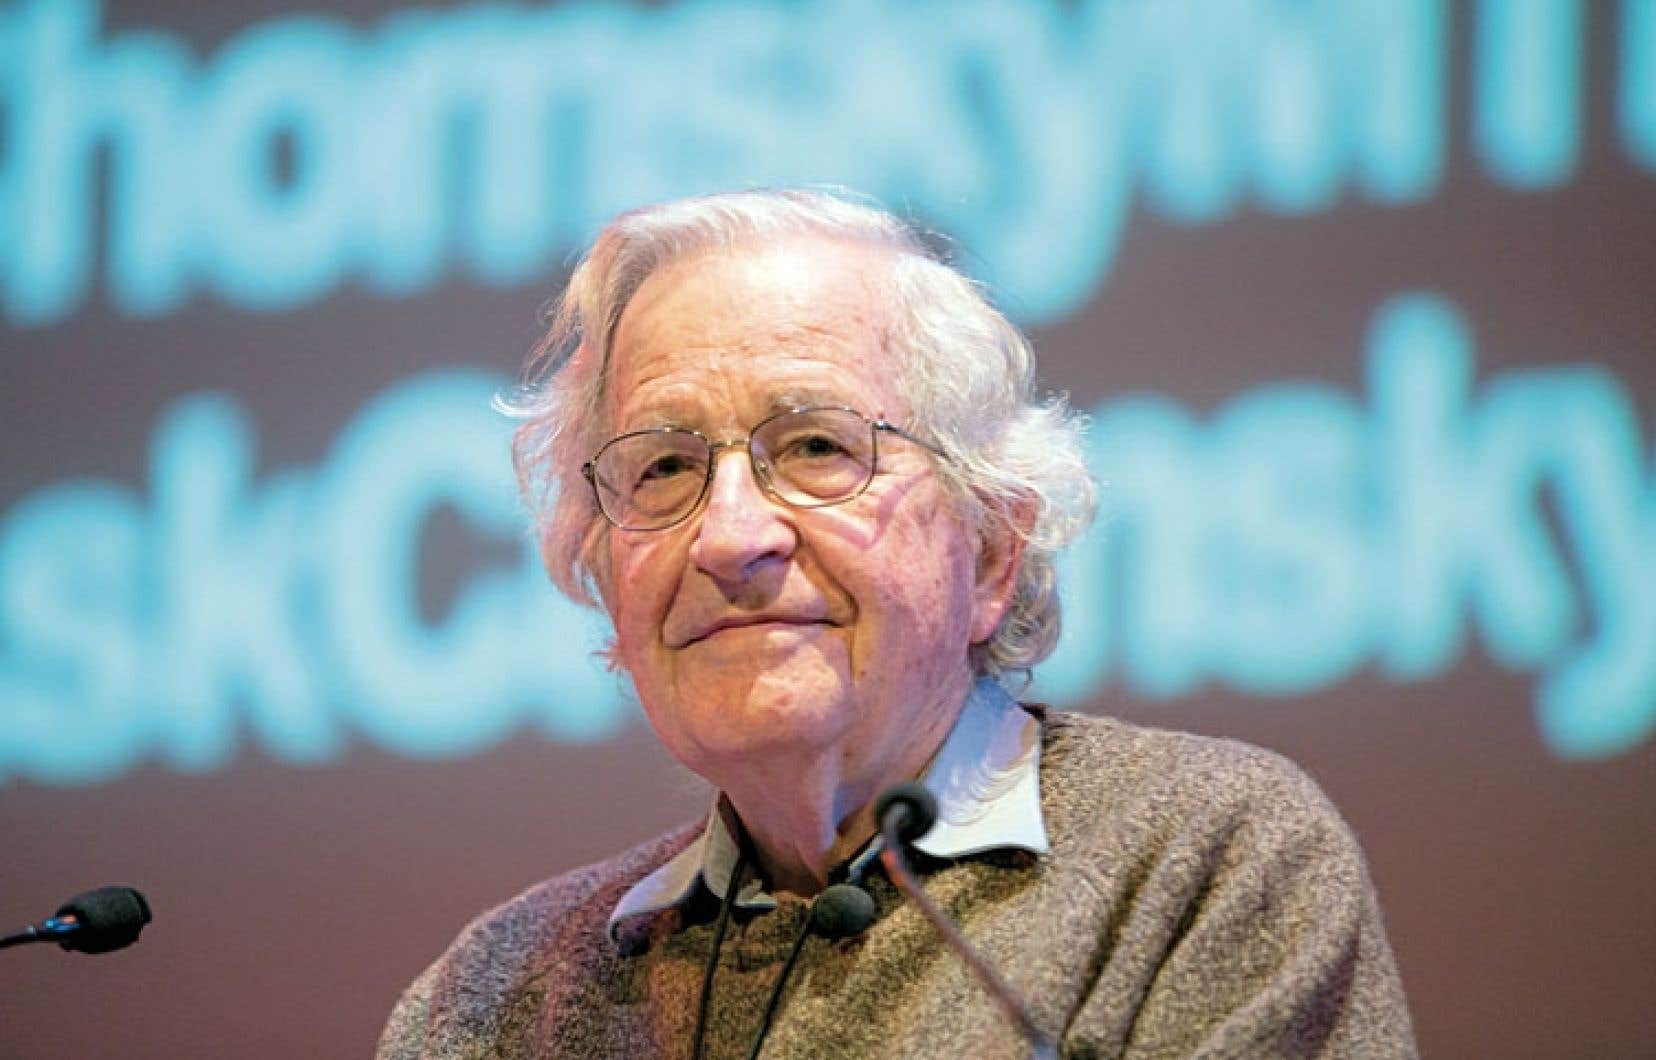 Pour Chomsky, le progressisme s'est développé en marge des engouements collectifs.